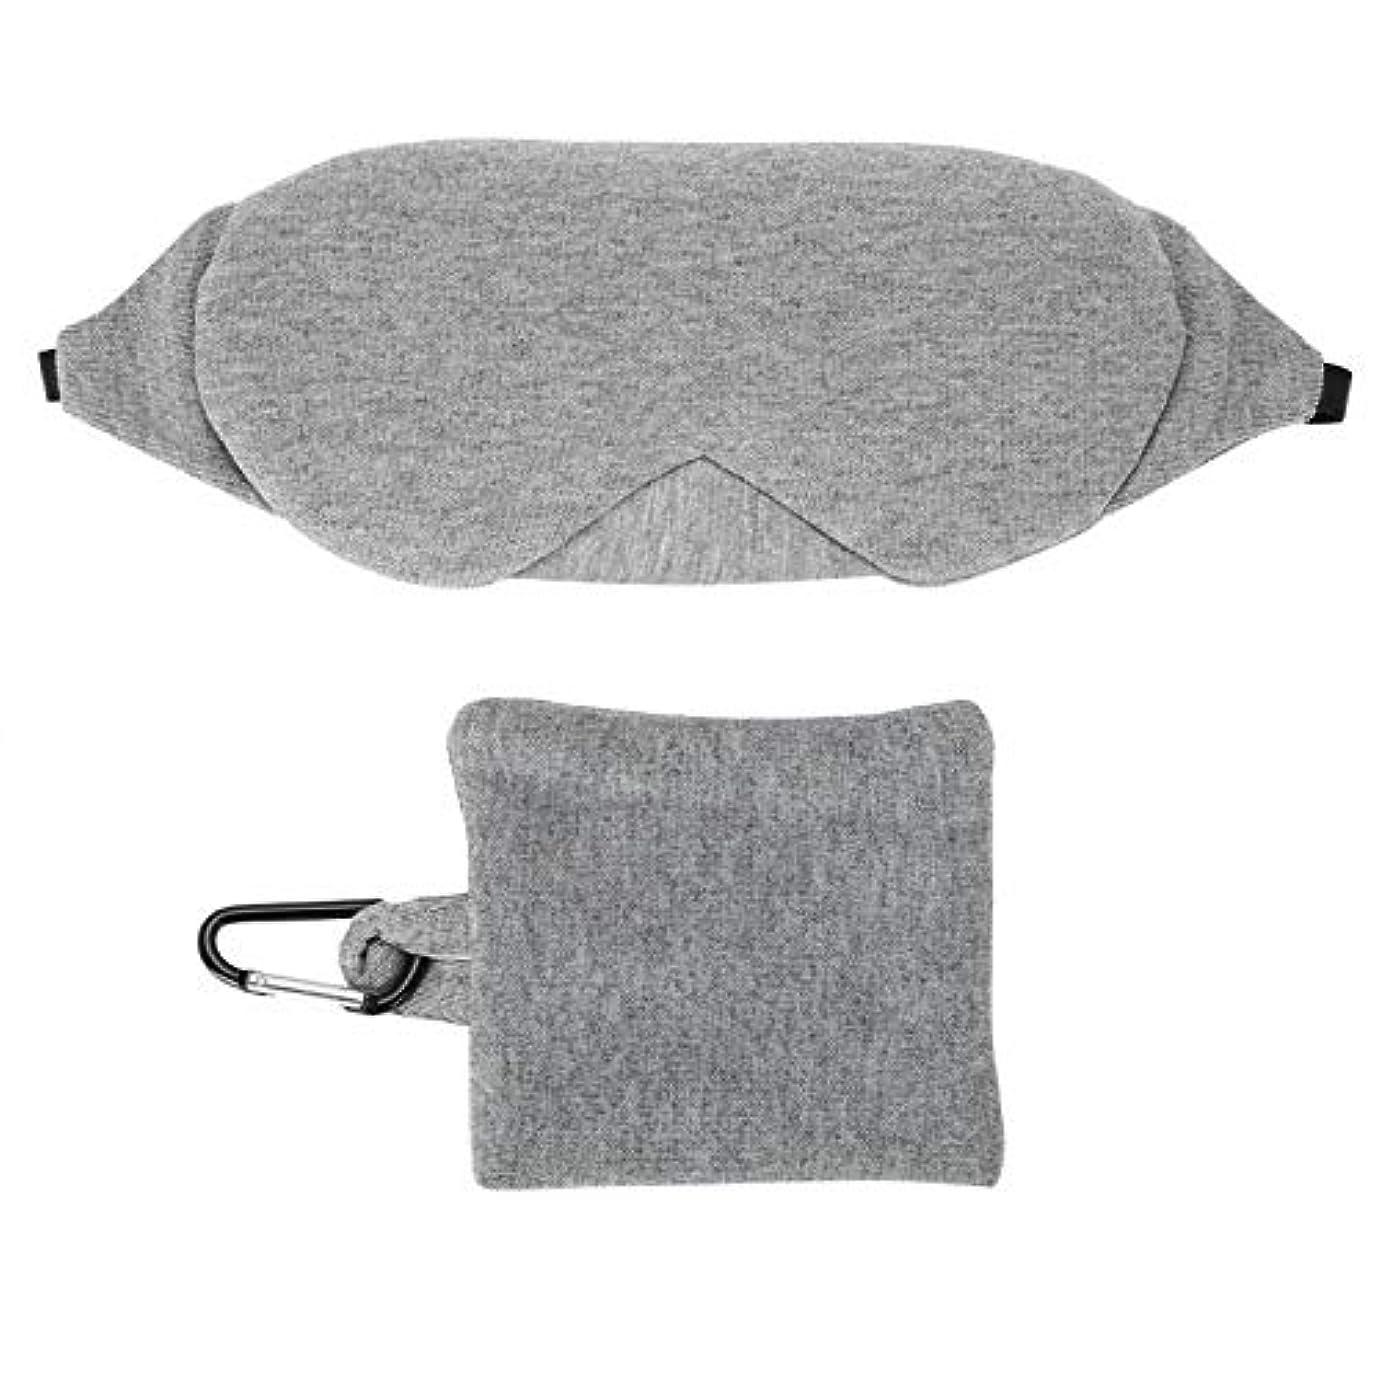 天才くしゃみコンパニオンNOTE 新しい調節可能な睡眠マスク通気性アイシェードカバー目隠しアイパッチ睡眠マスク助け不眠症ケアツール